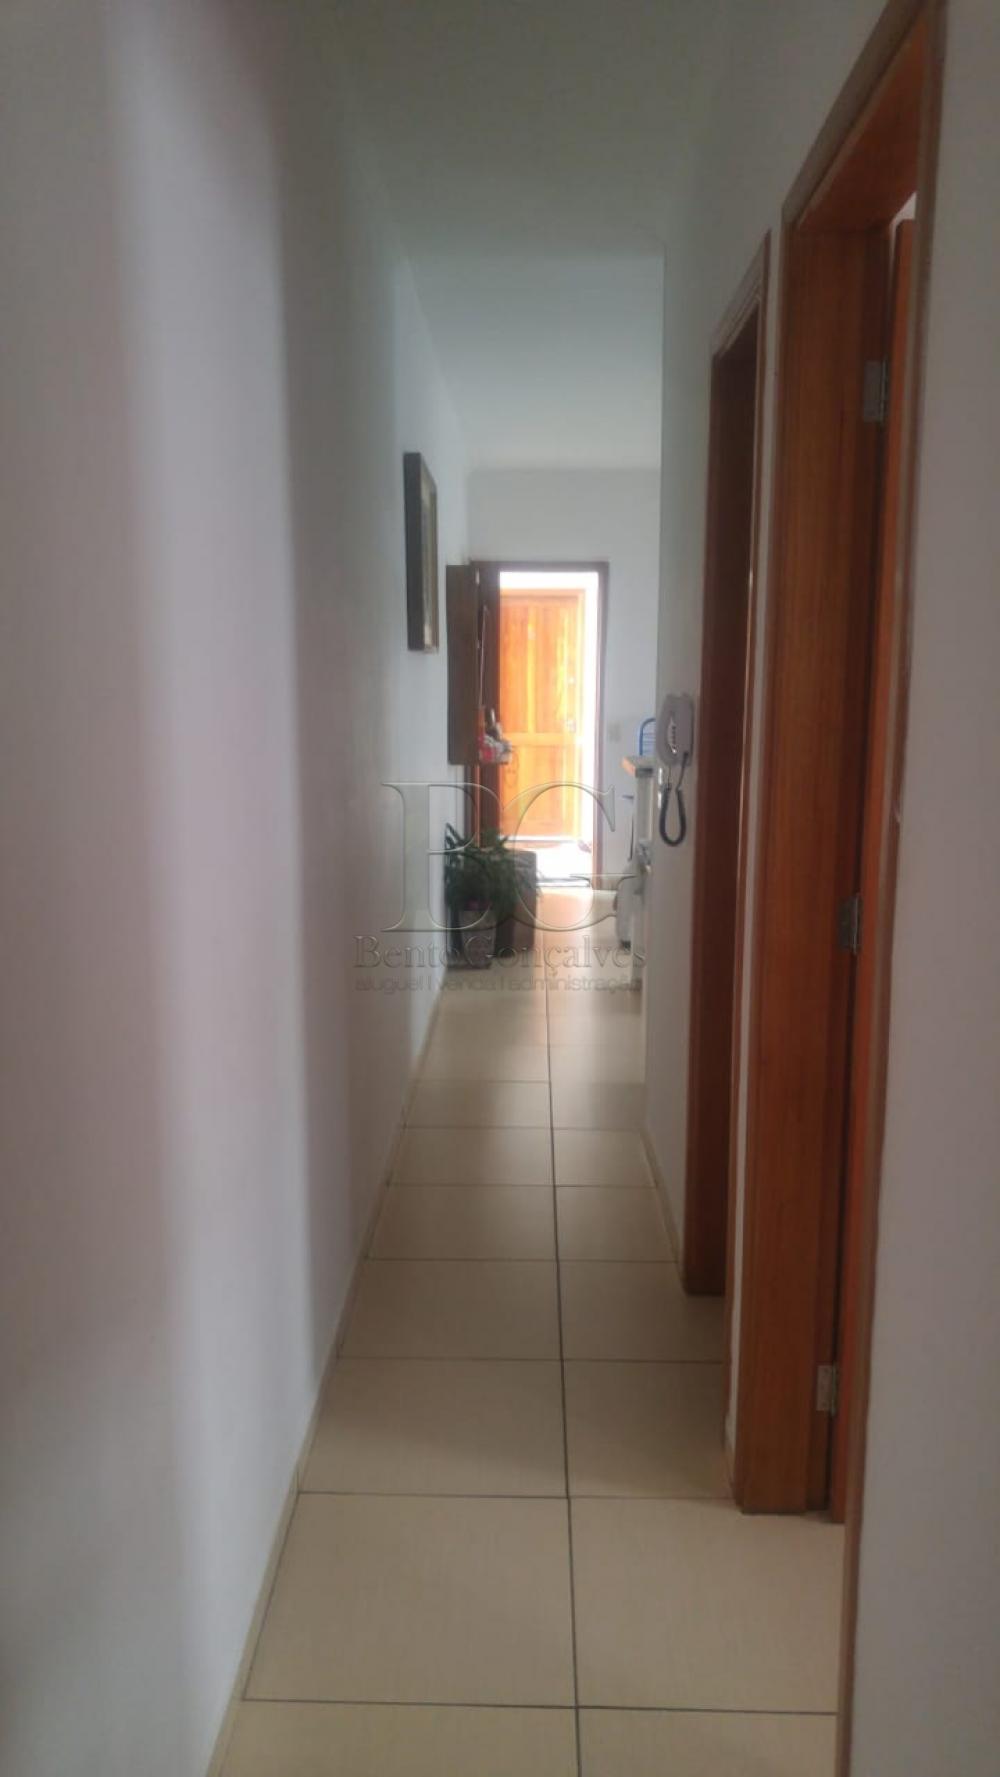 Comprar Apartamentos / Padrão em Poços de Caldas apenas R$ 205.000,00 - Foto 8